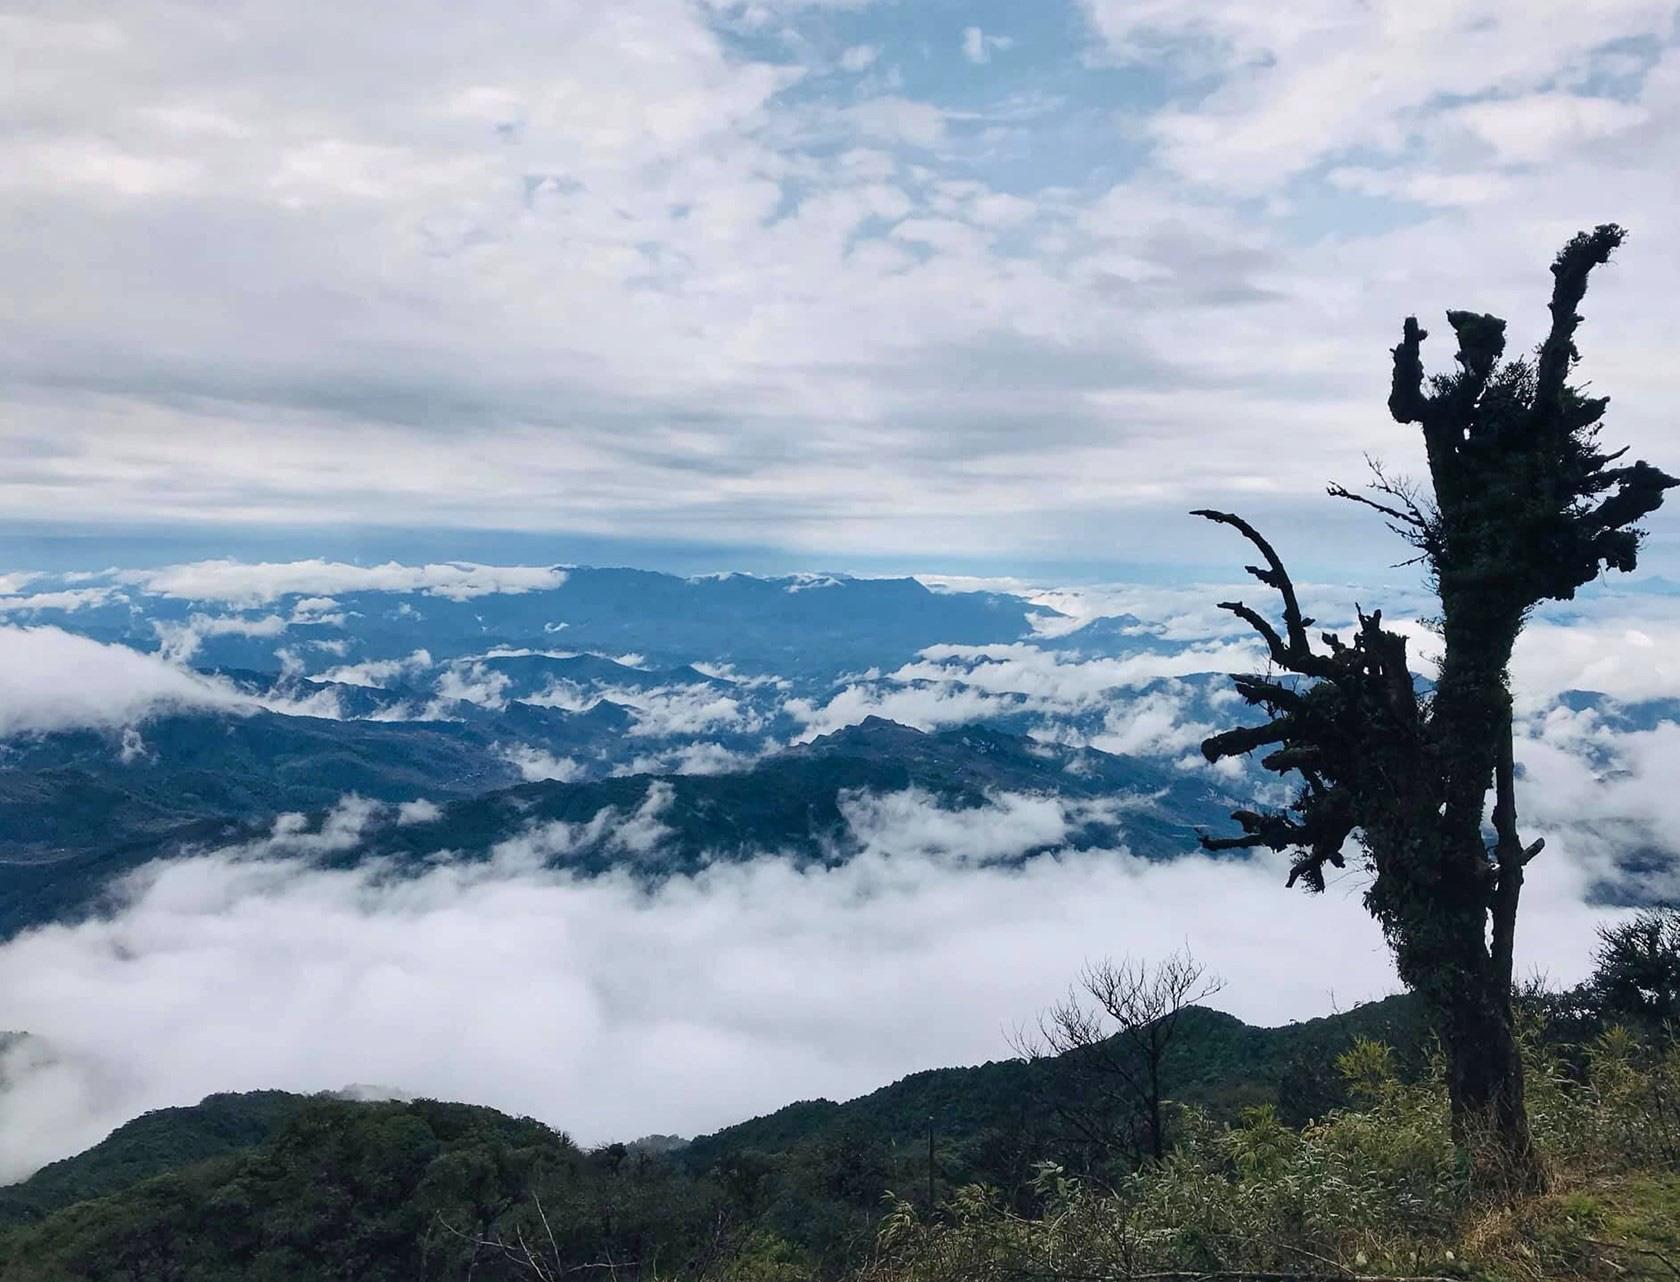 """Cao Bằng: Ở nơi này núi cỏ xanh rì, nằm xuống tha hồ ngắm """"thiên đường mây trắng"""" - Ảnh 1."""